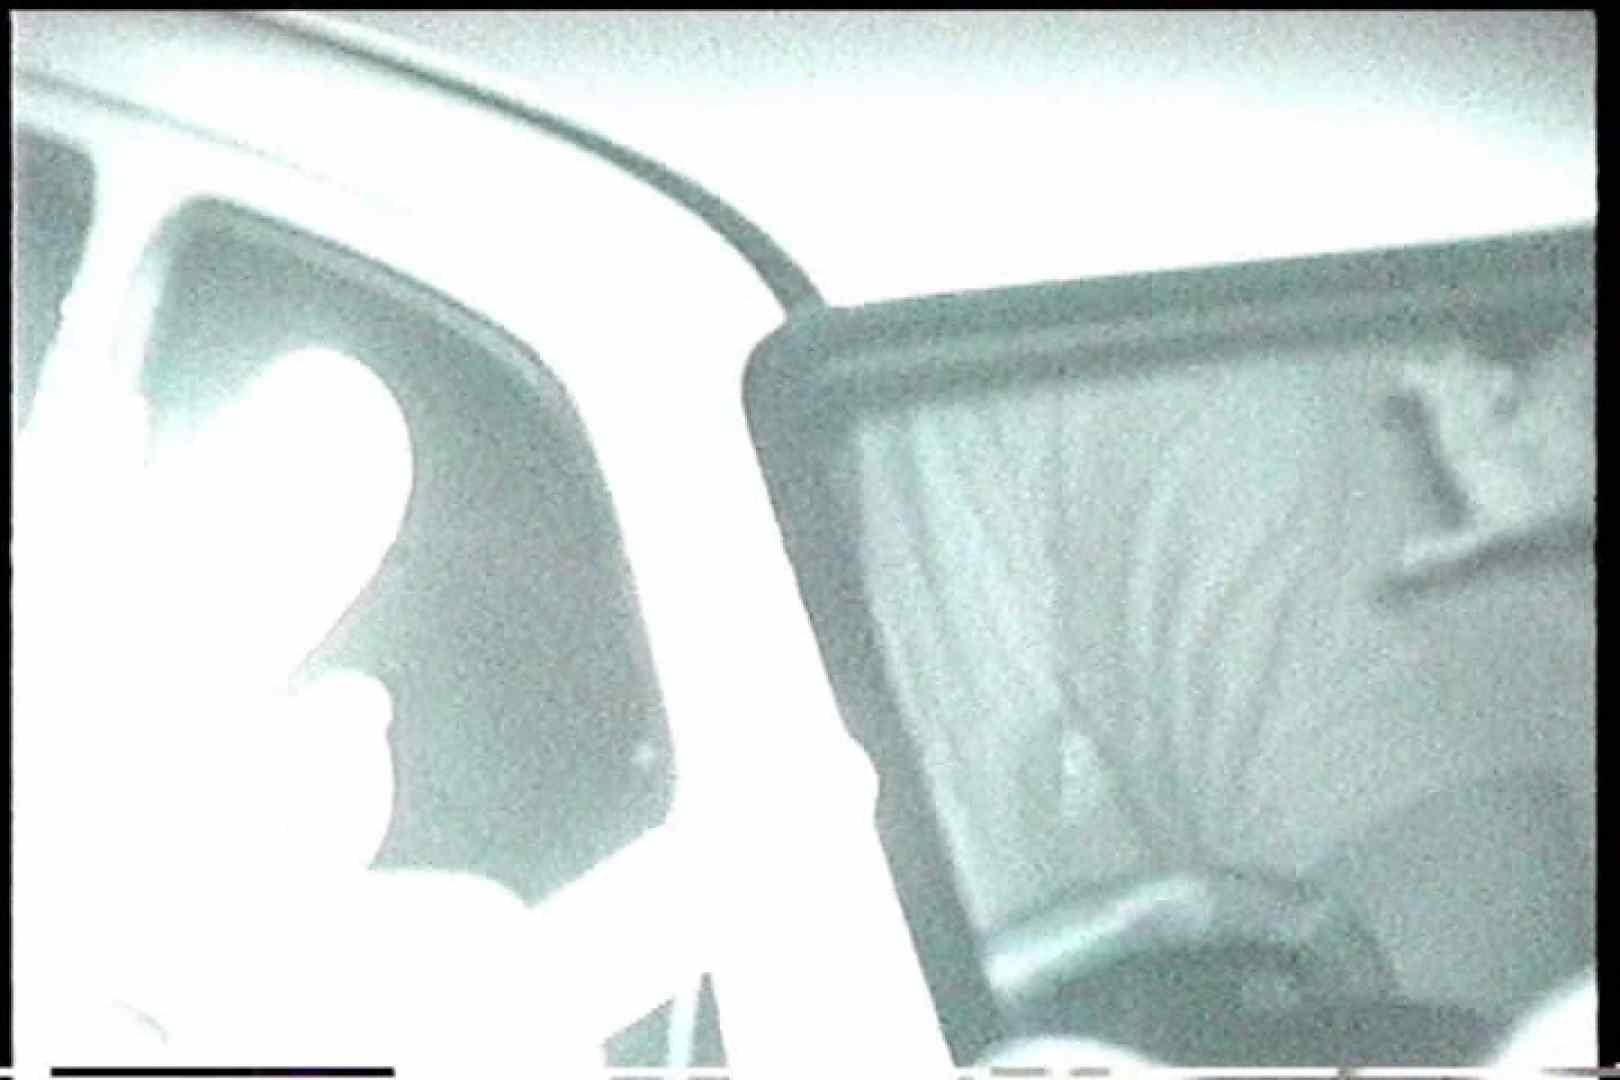 充血監督の深夜の運動会Vol.226 フェラチオシーン セックス無修正動画無料 90pic 53